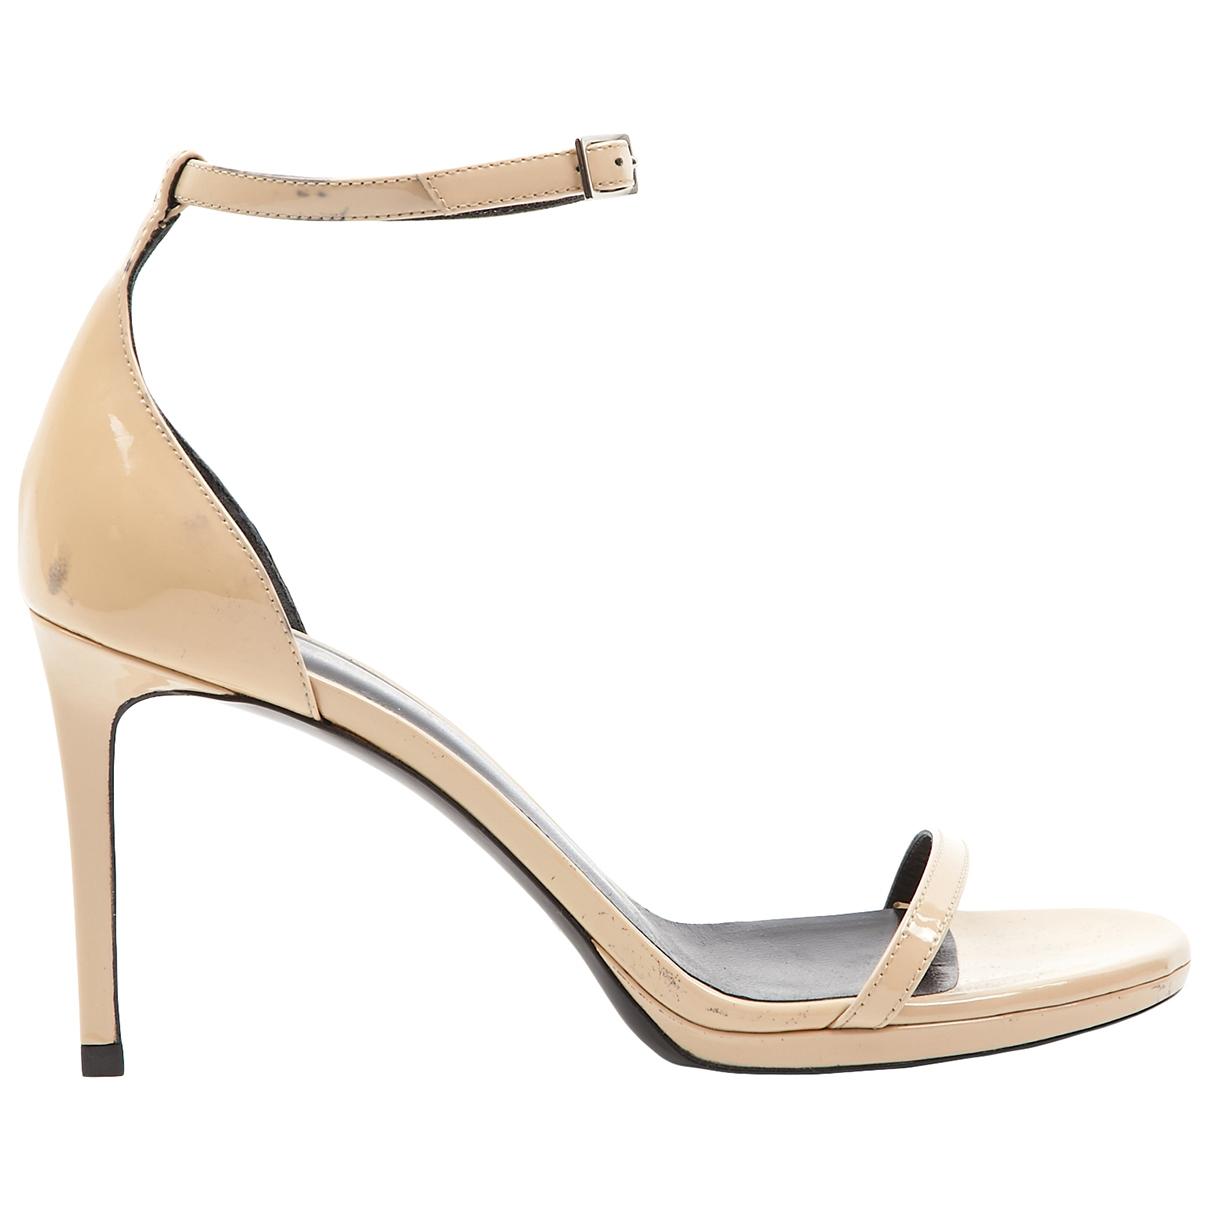 Saint Laurent \N Beige Patent leather Sandals for Women 38 EU